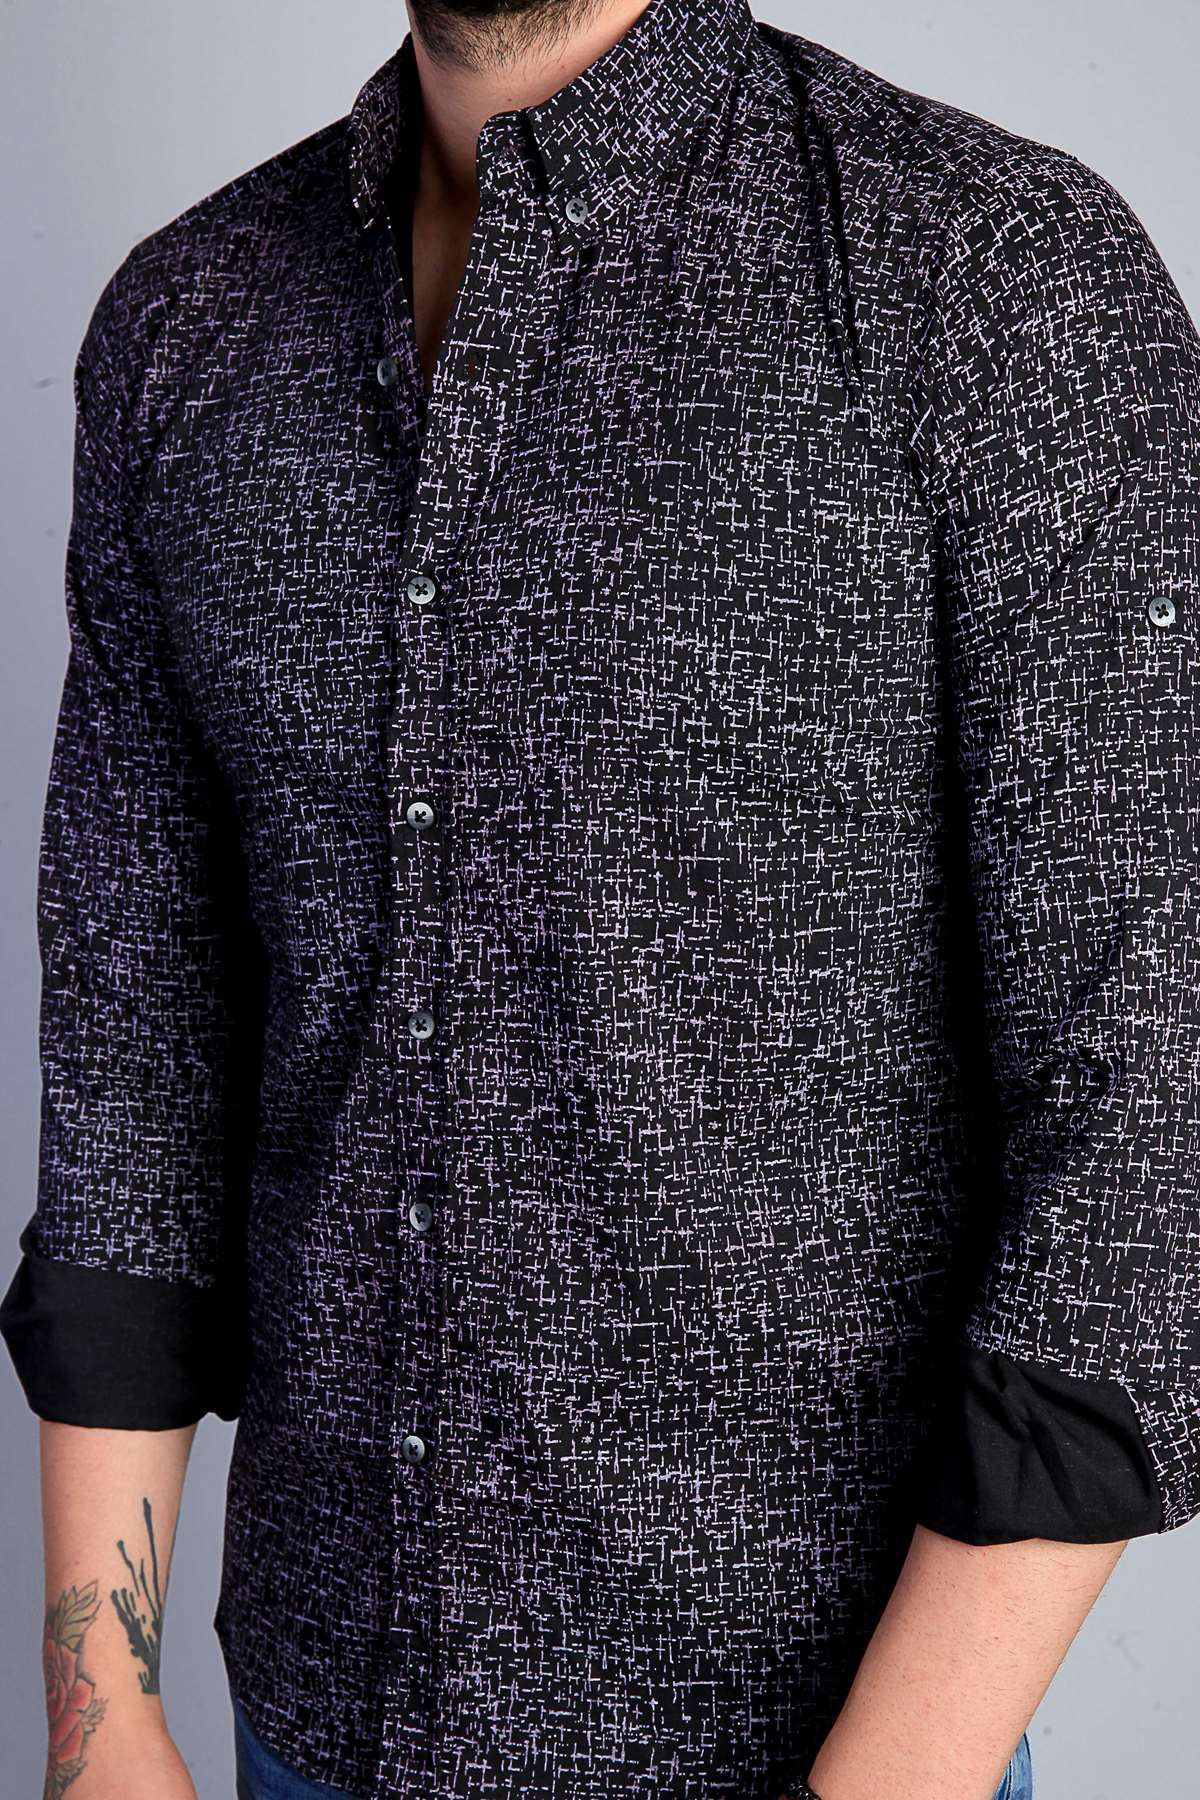 Küçük Çizgi Desenli Klasik Yaka Slim Fit Gömlek Siyah